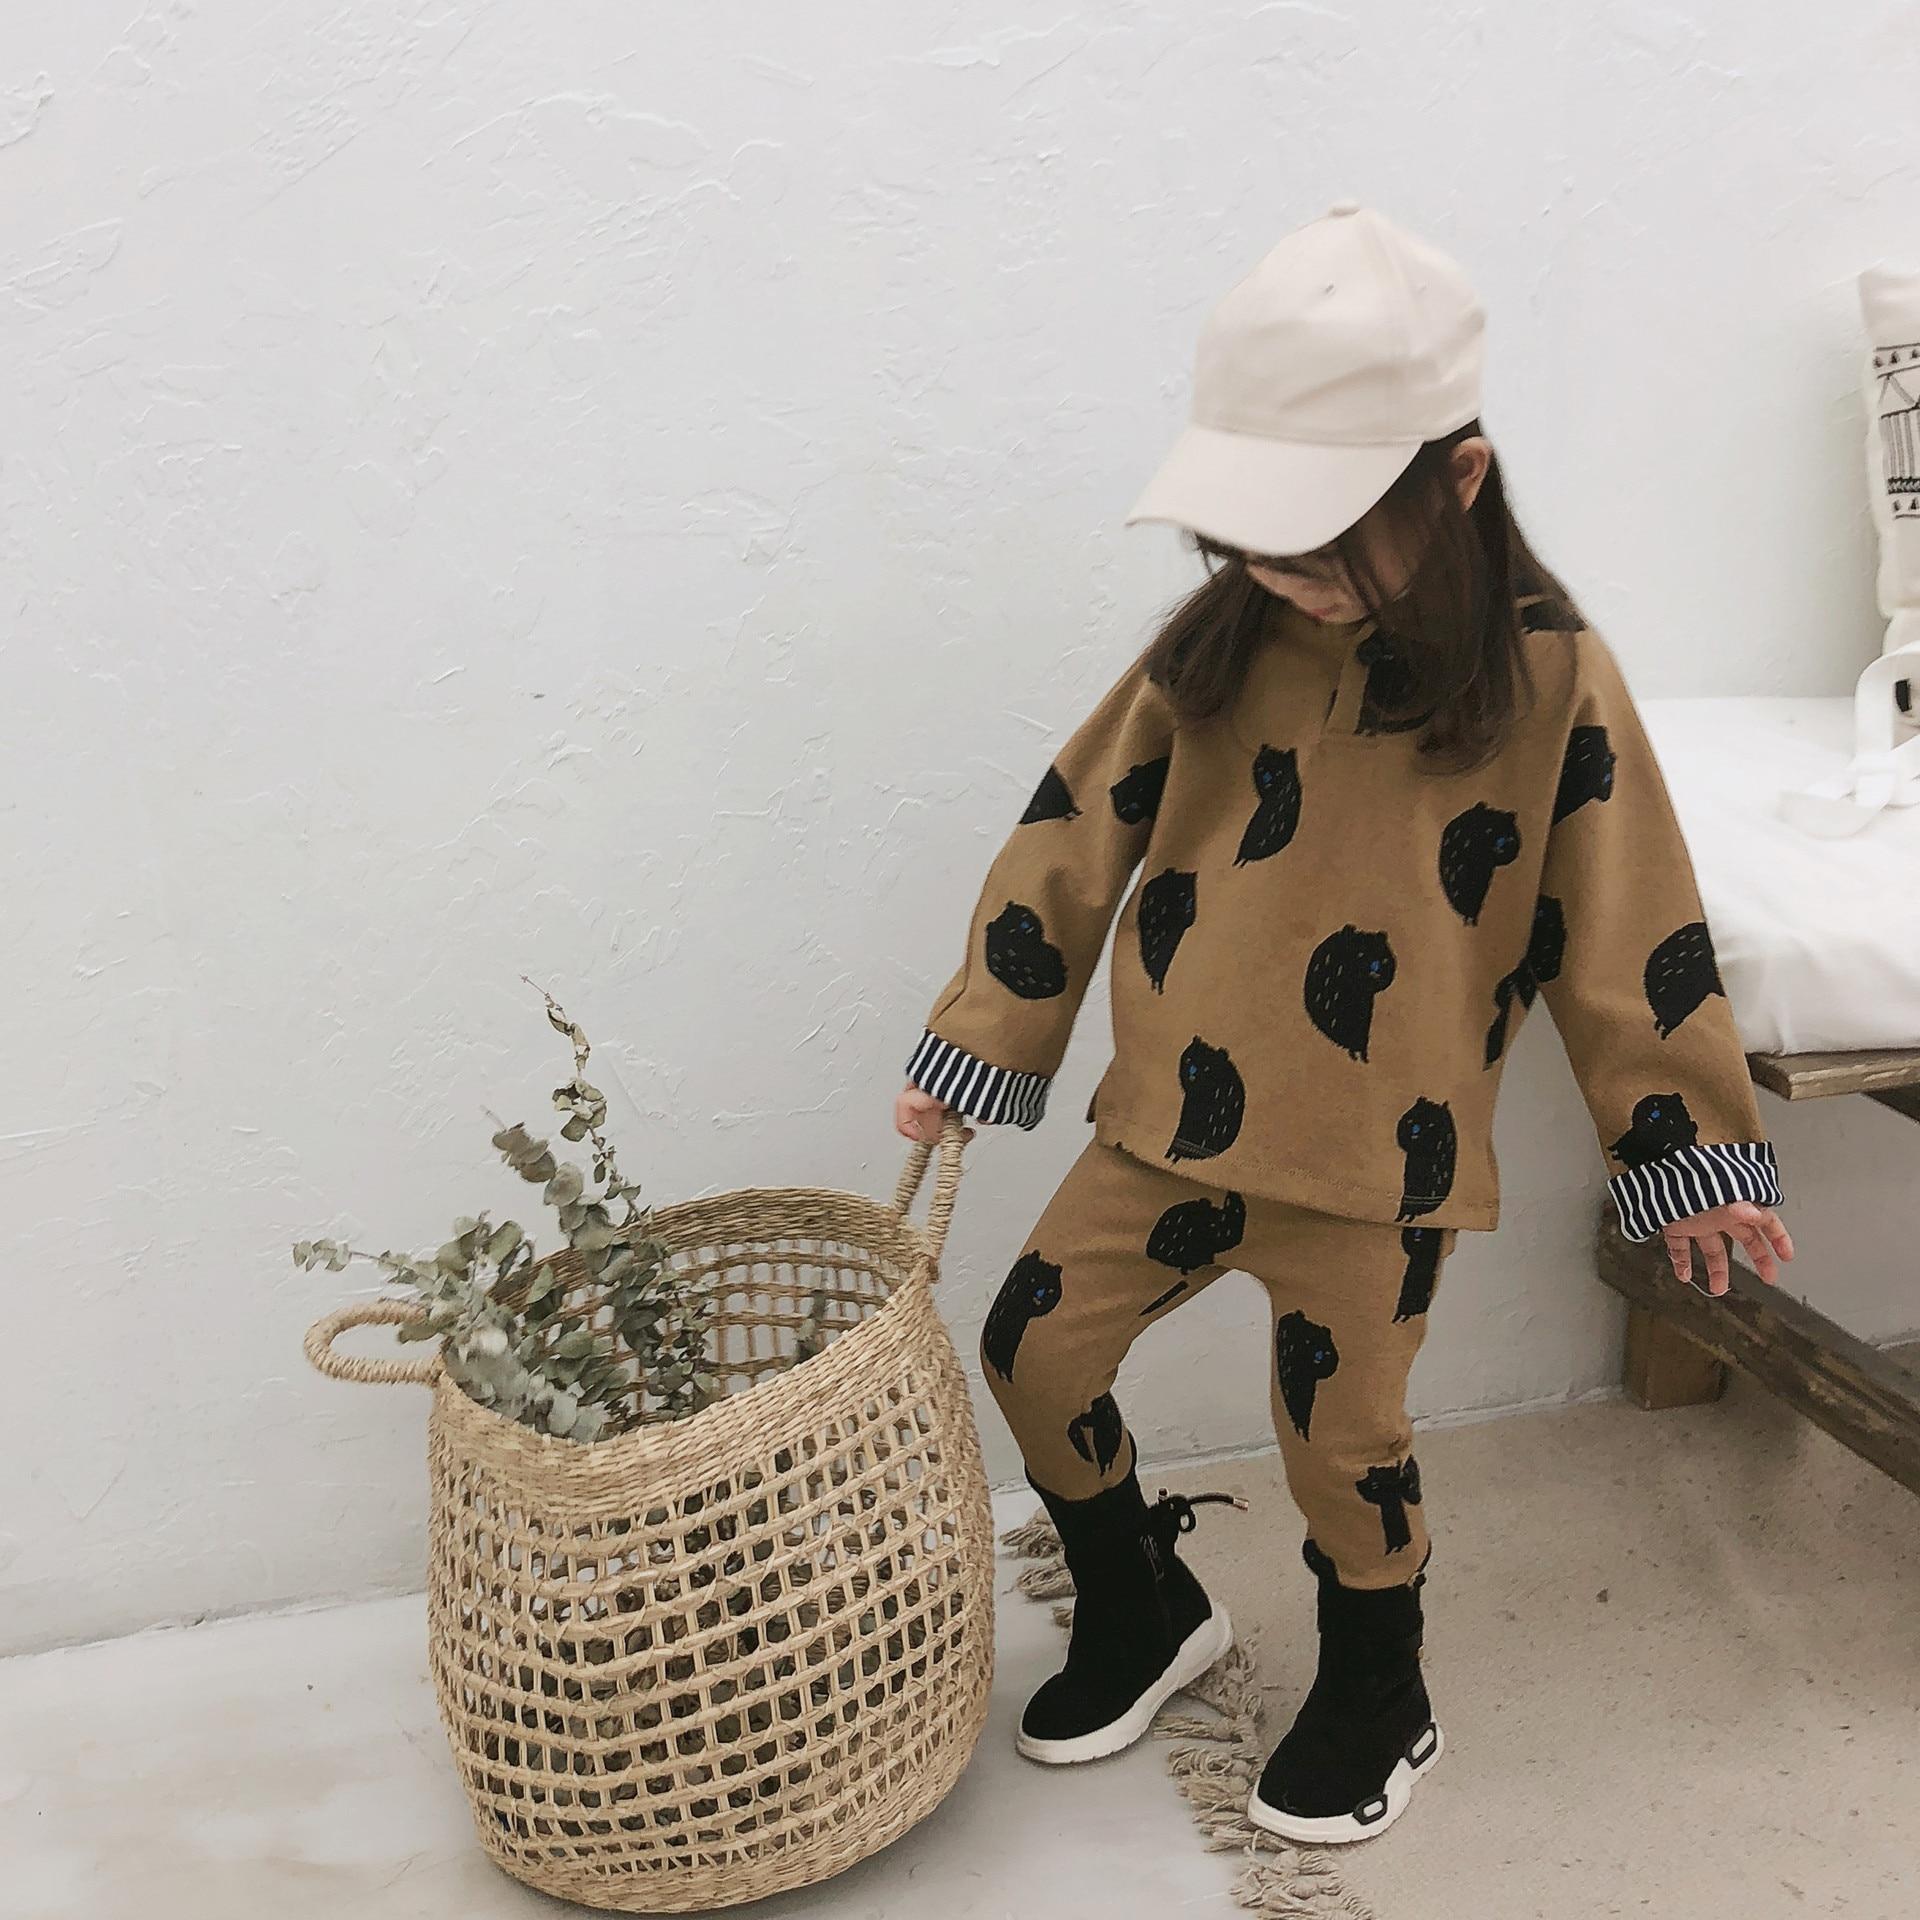 2018 Autunno E Inverno Nuovo Arrivo Set Di Abbigliamento In Cotone Di Modo Del Fumetto Con Cappuccio Vestito Per Fresco Dolce Cute Baby Ragazzi E Ragazze Saldi Di Fine Anno